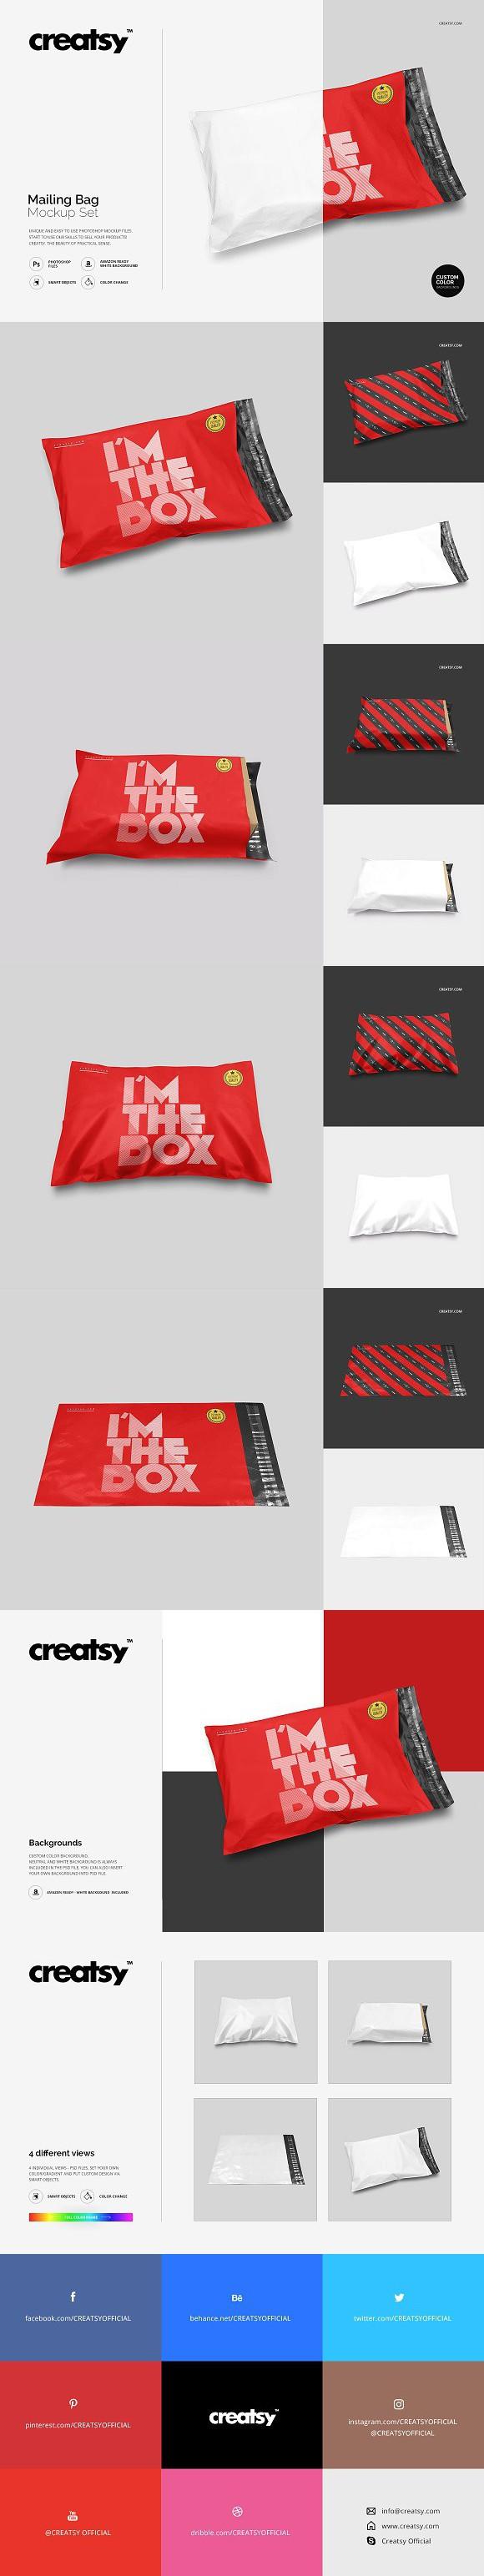 Download Mailing Bag Mockup Set Product Mockups Bag Mockup Mockup Creative Market